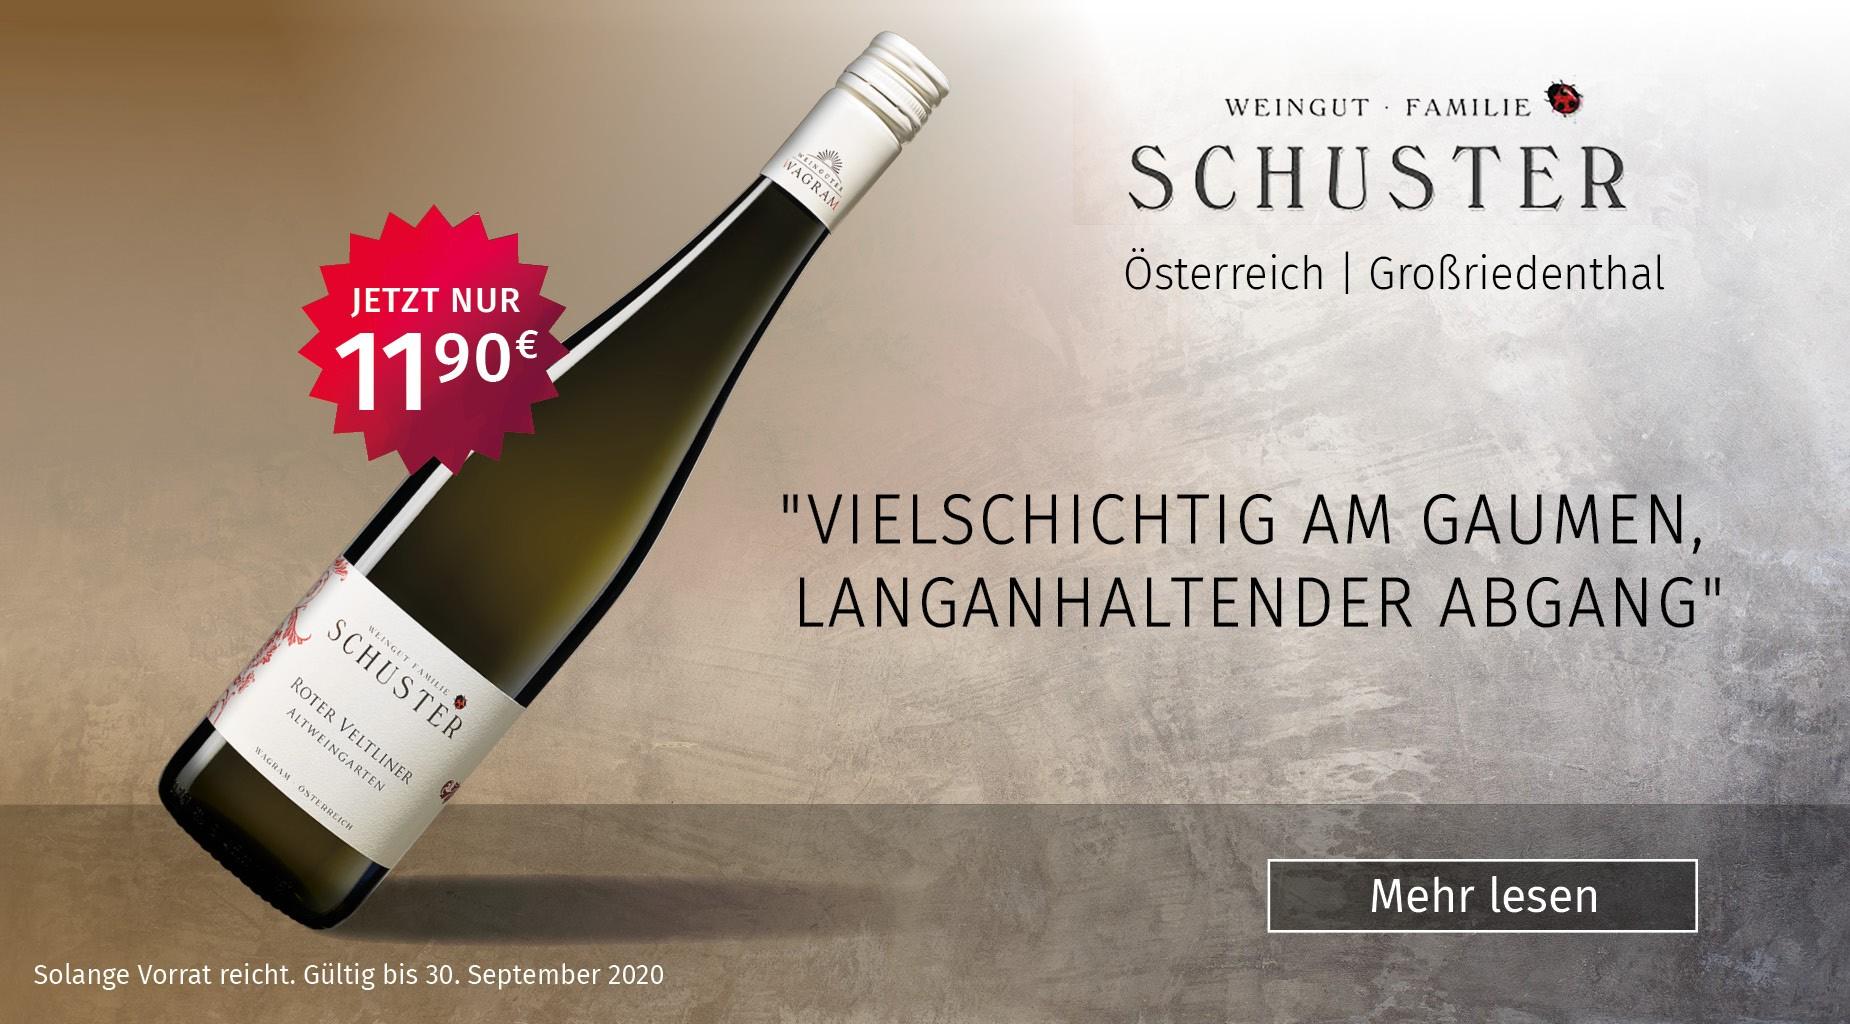 Roter Veltliner, Weingut Schuster, Österreich